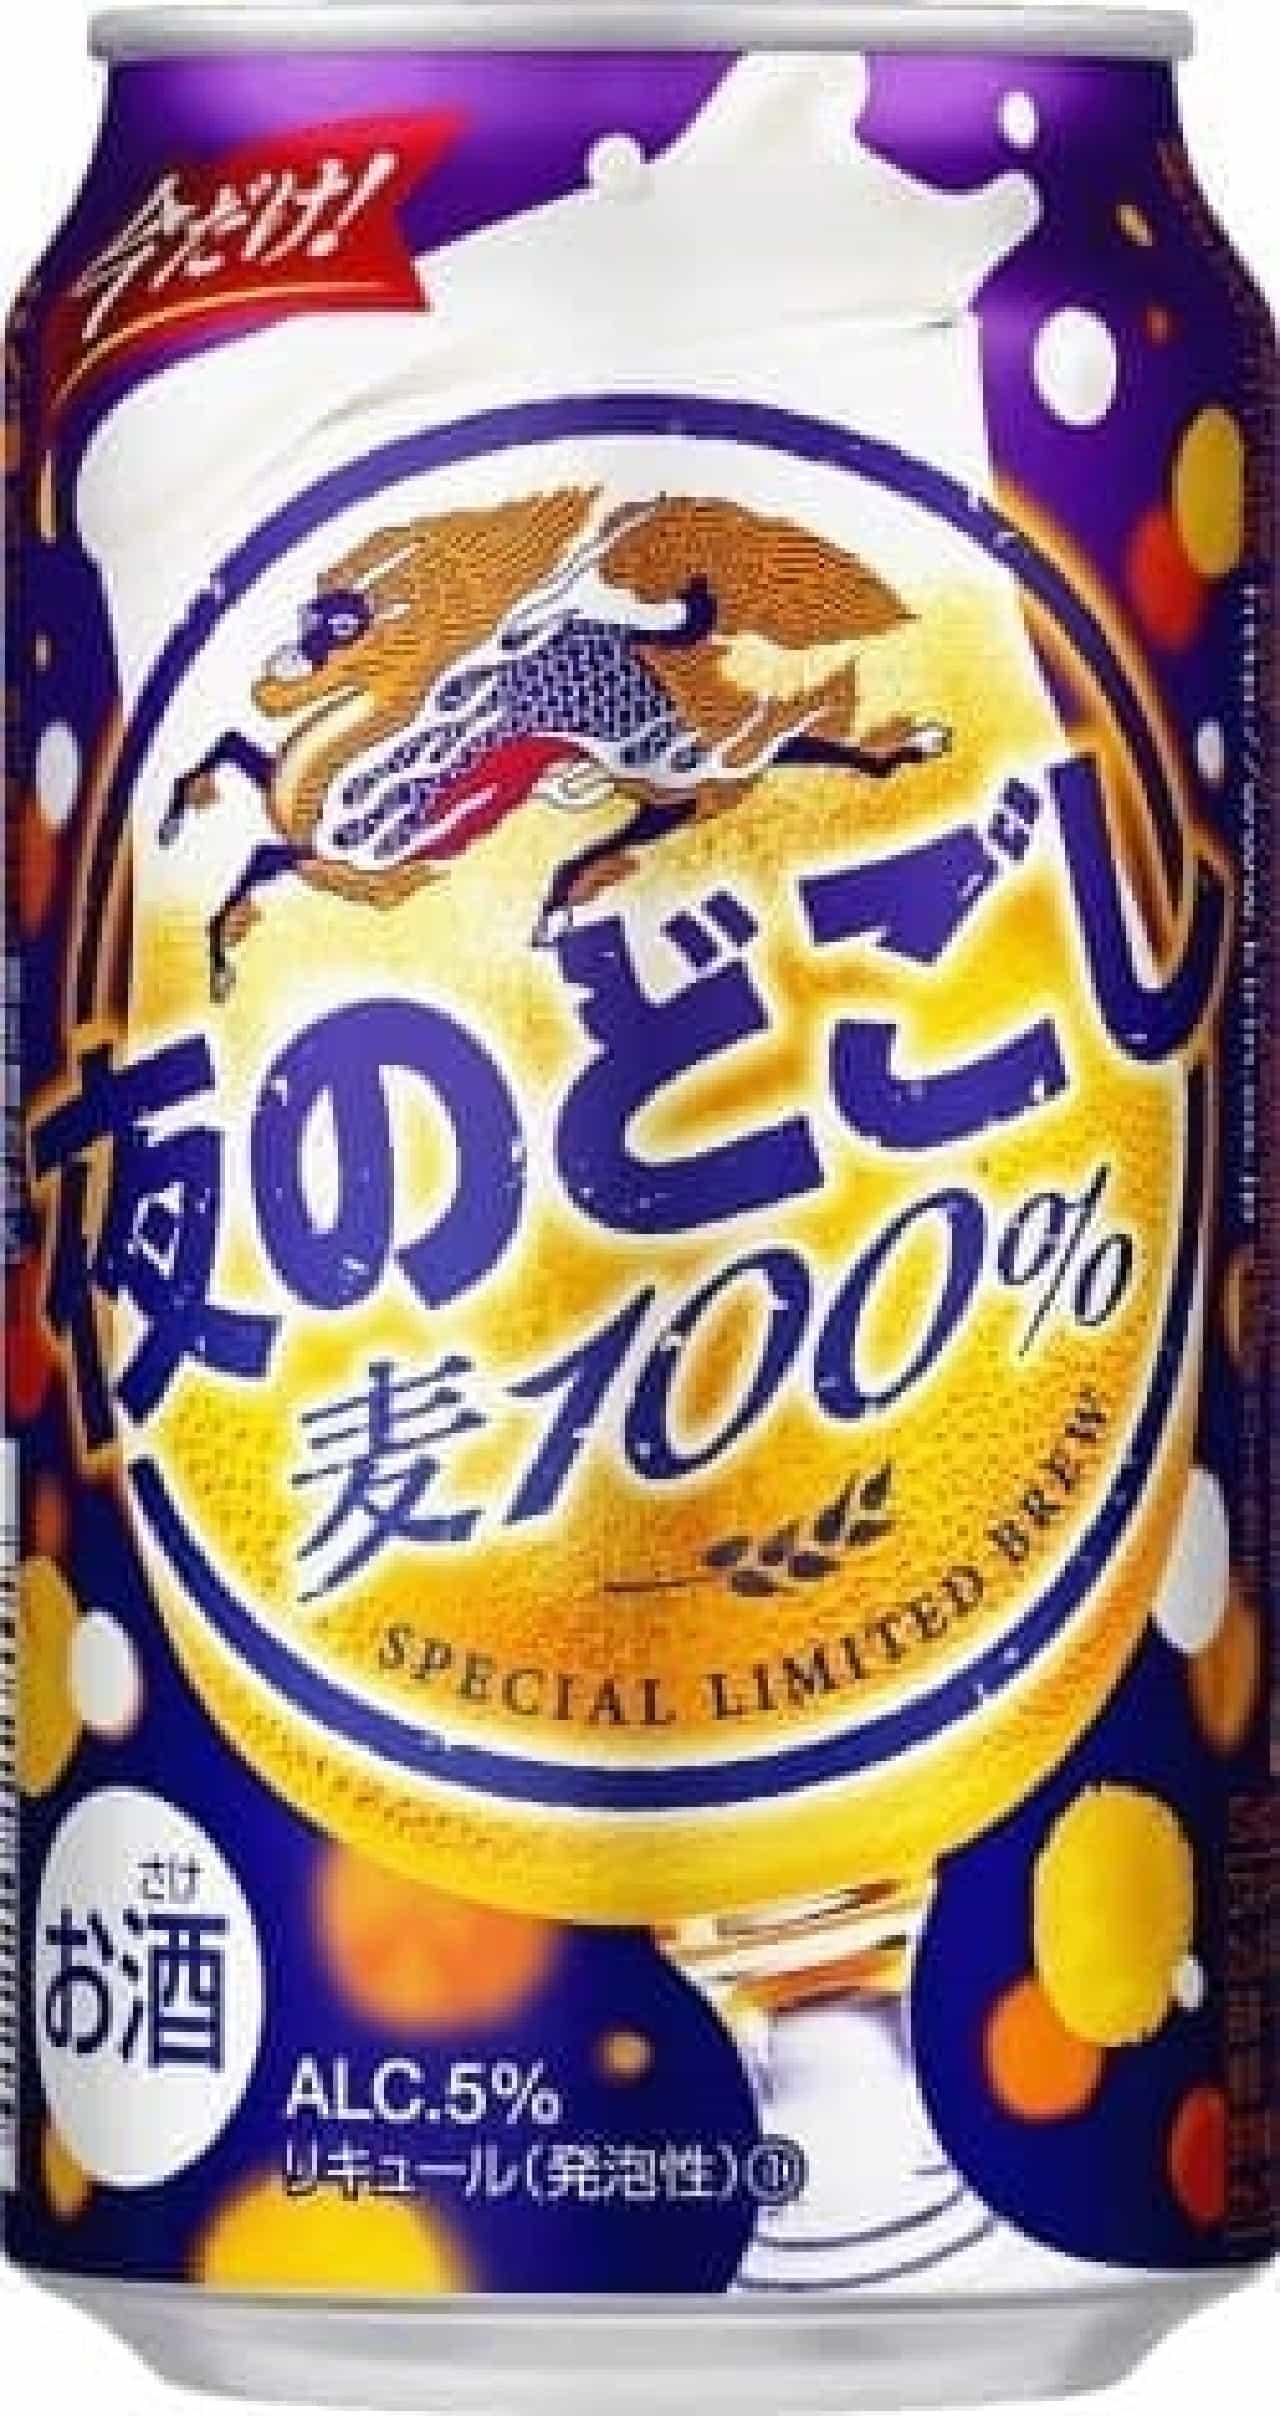 キリンビール「キリン 夜のどごし」